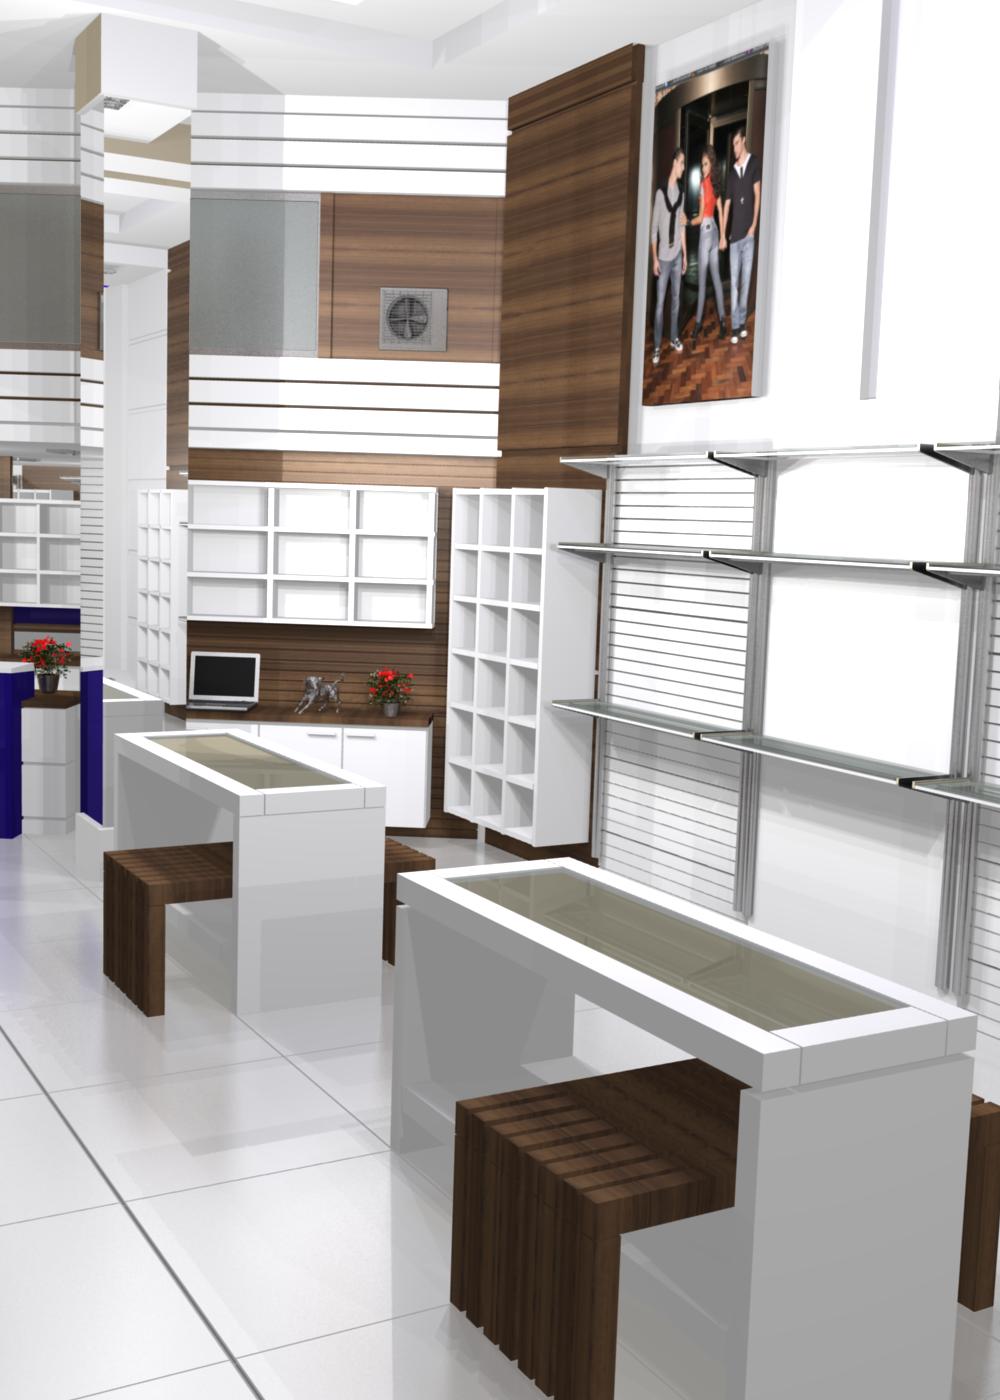 M veis planejados marcenaria casacor noivas painel laca for Productos de decoracion de interiores